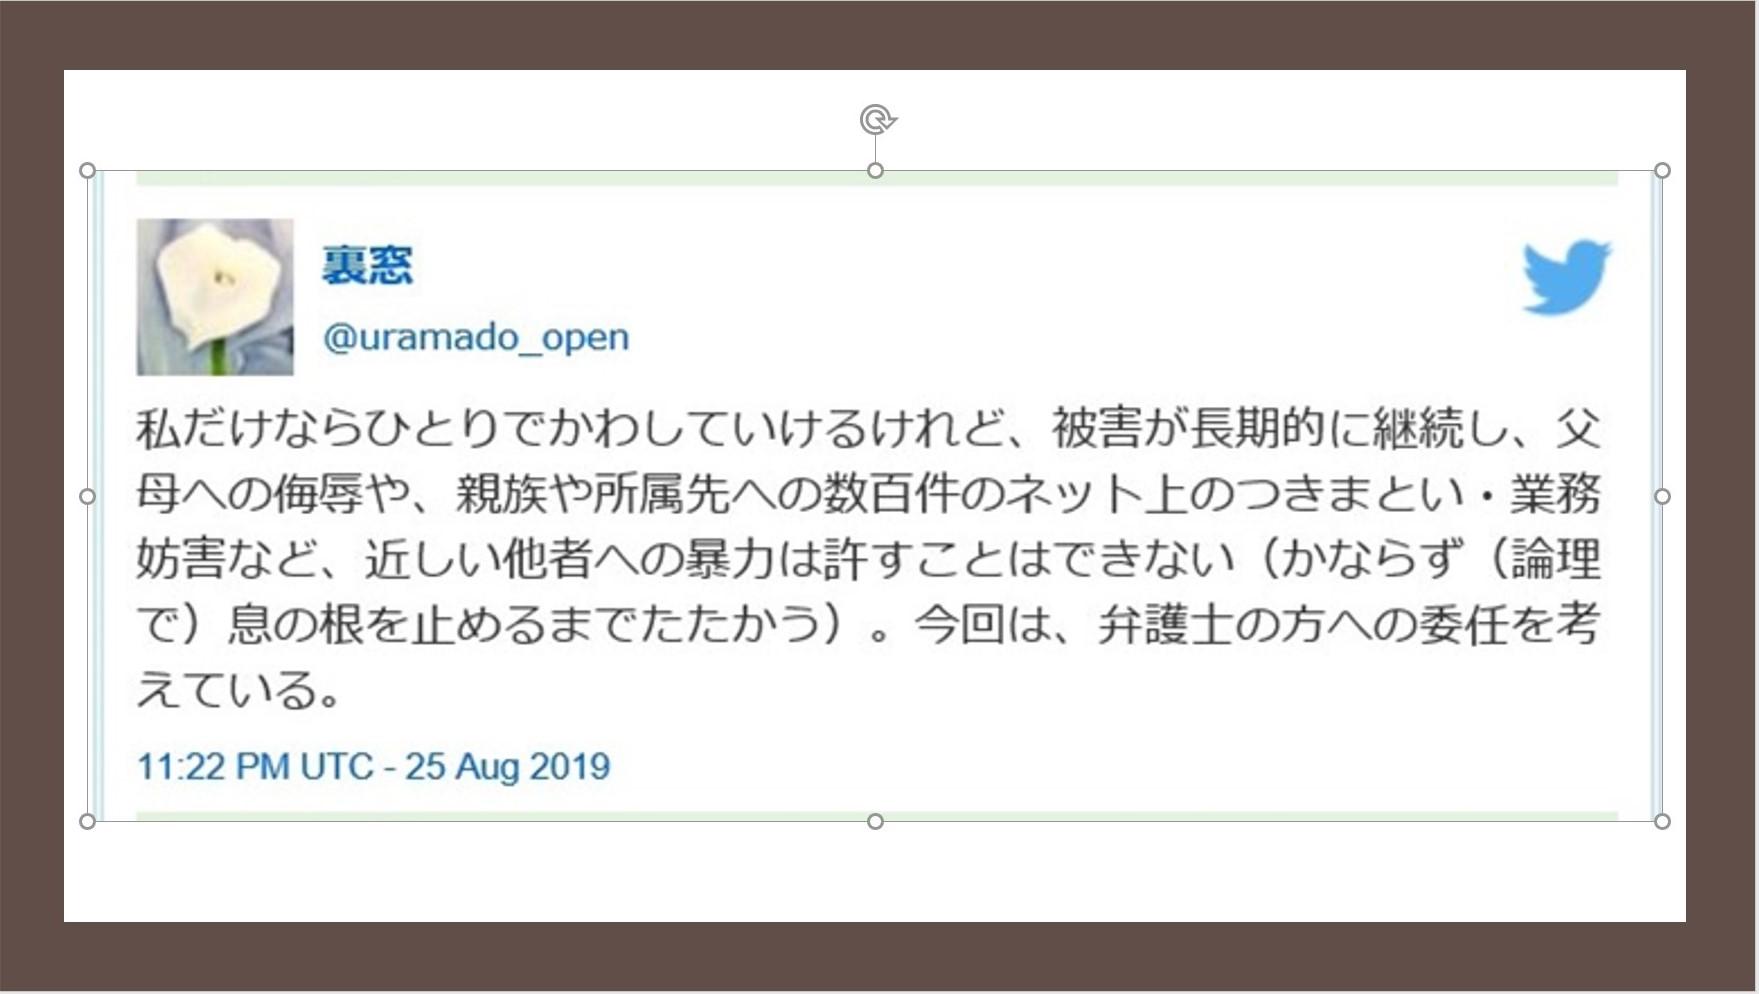 裏窓@uramado_open